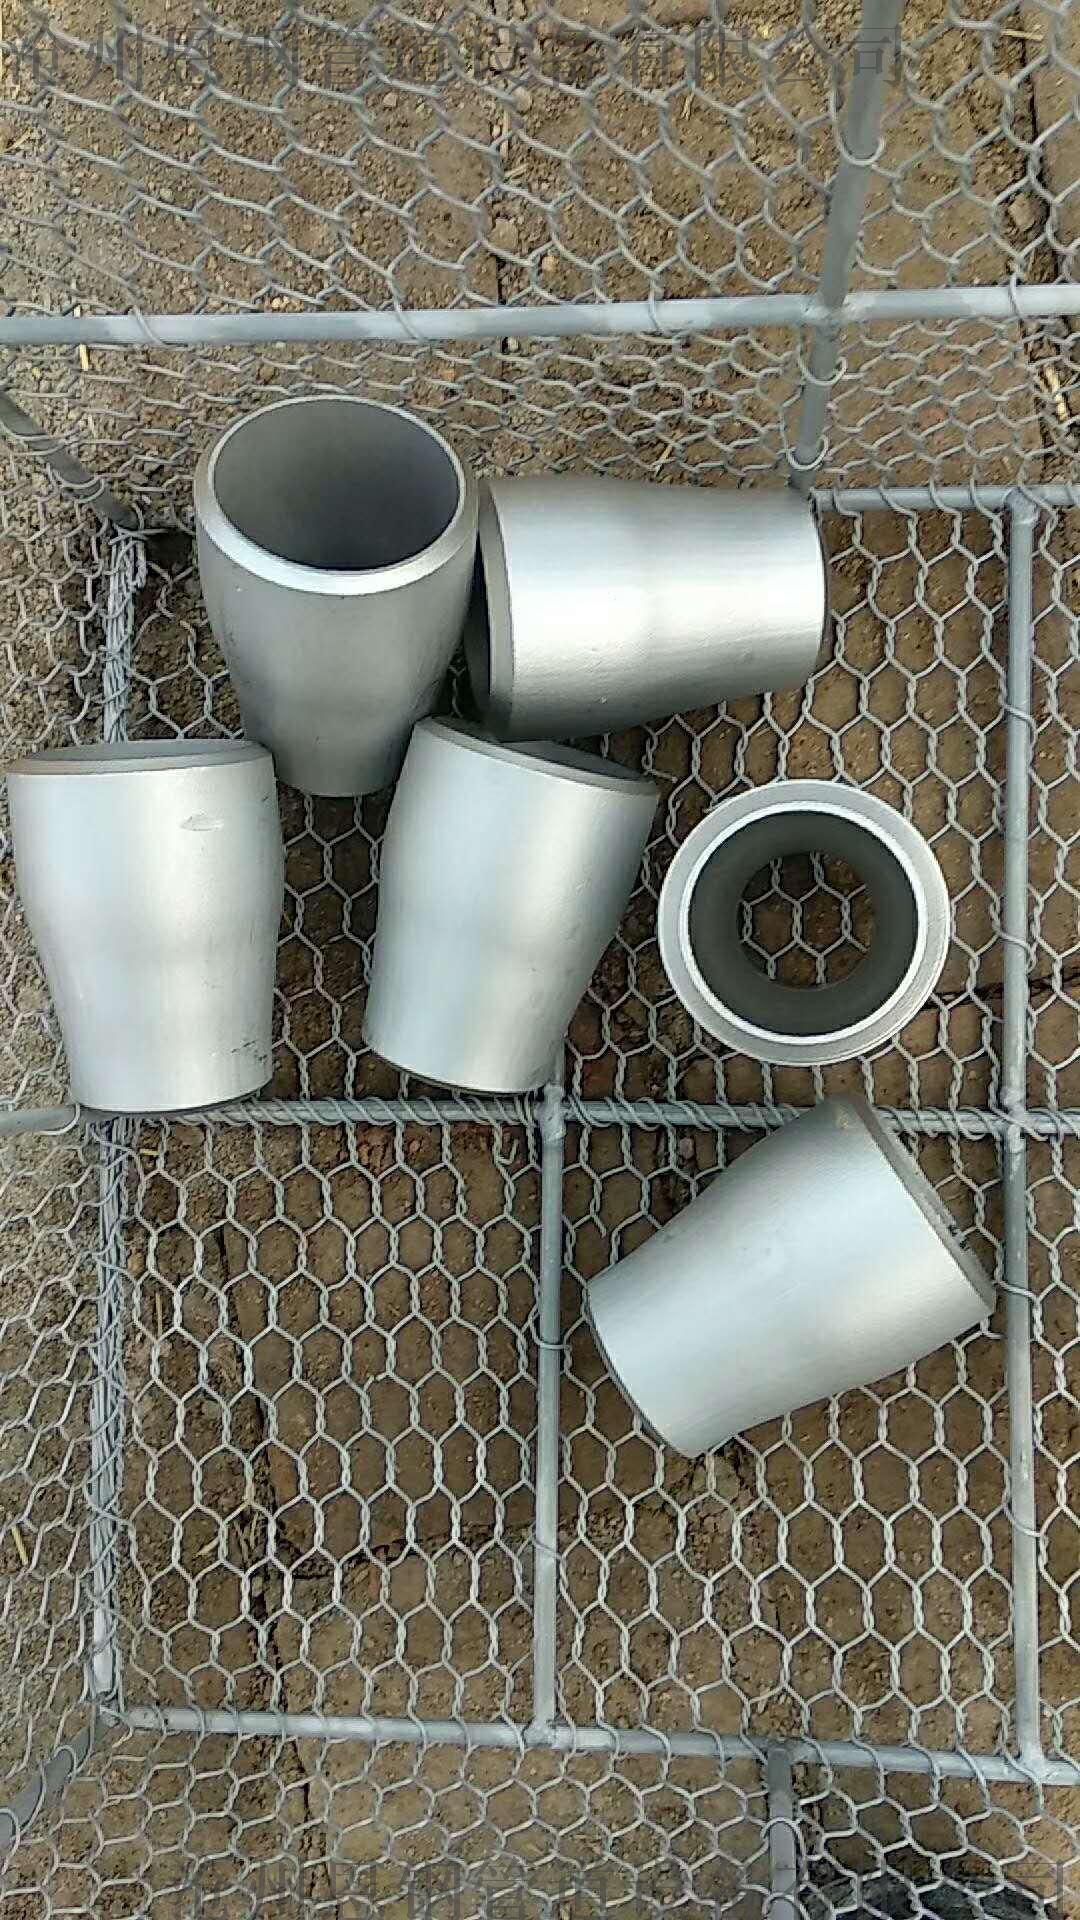 不鏽鋼管件廠家、不鏽鋼管件現貨63615375